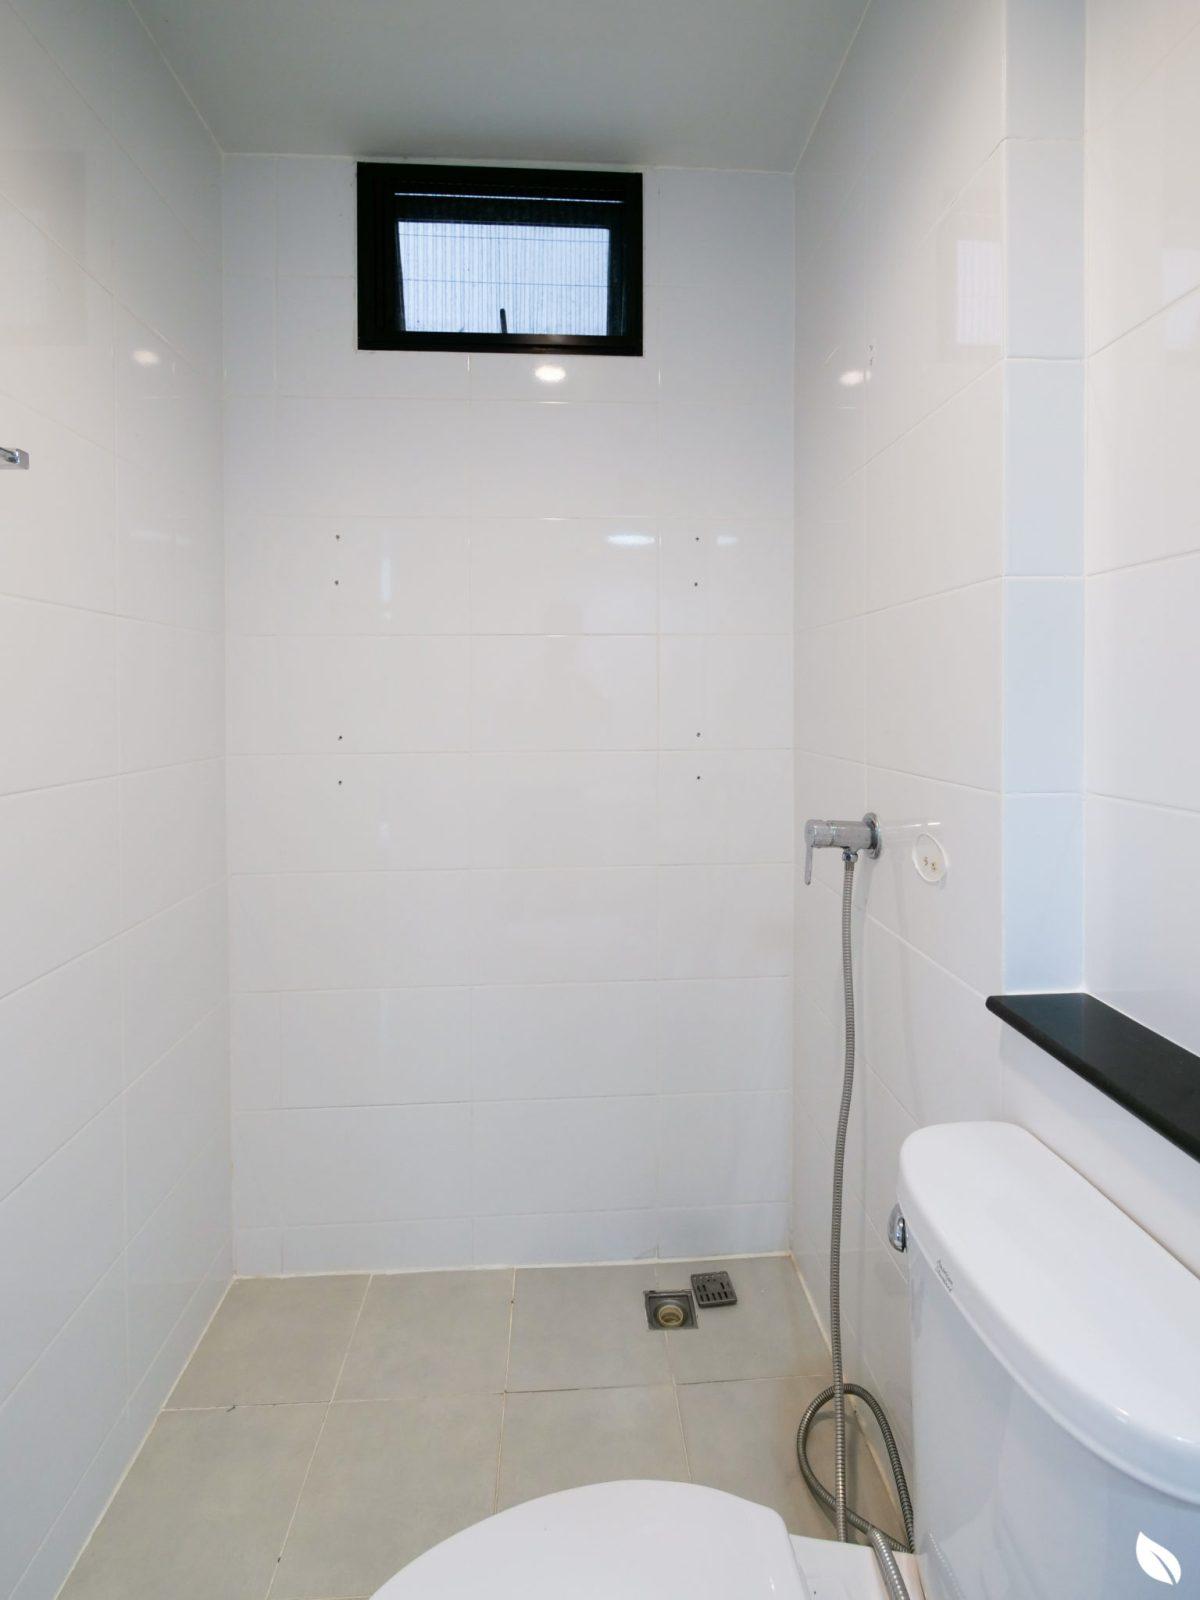 """4 ขั้นตอน """"รีโนเวทห้องน้ำขนาดเล็ก"""" ให้สวยใหม่ จบงานไวใน 2 วัน แบบปูกระเบื้องทับ ไม่ต้องรื้อ 15 - bathroom"""